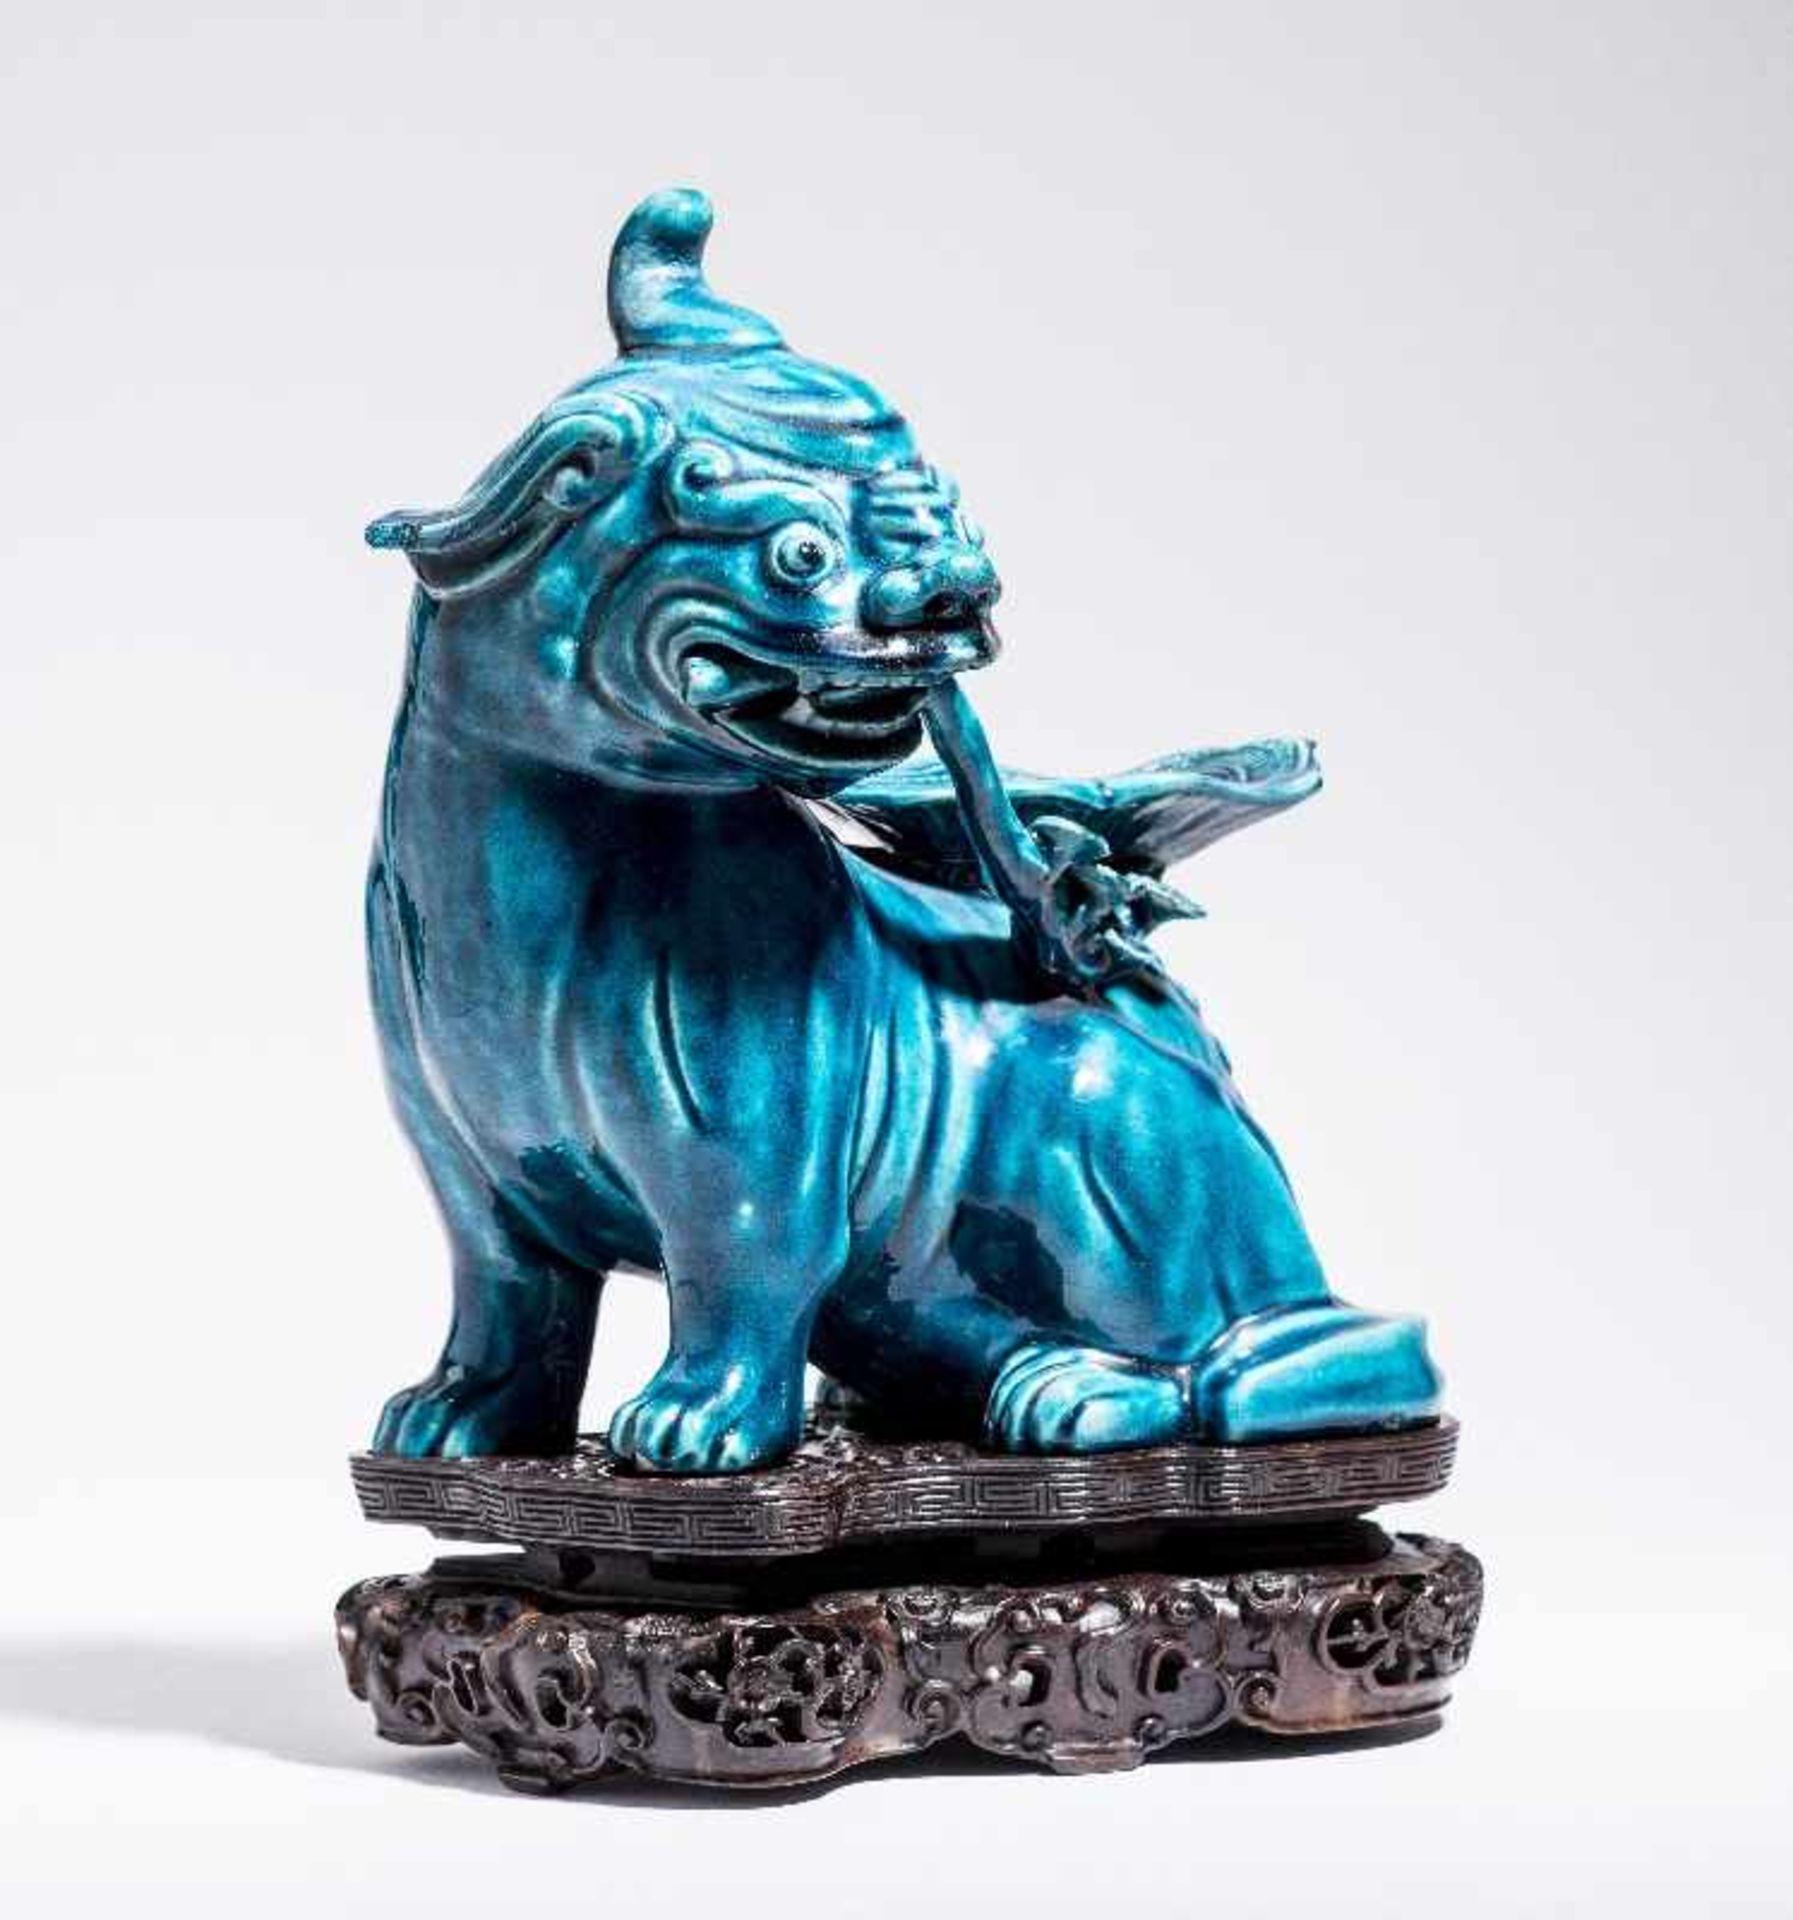 SITZENDES EINHORNPorzellan. China, Qing-Dynastie, 18. Jh. An dieser Porzellanskulptur des - Image 2 of 7